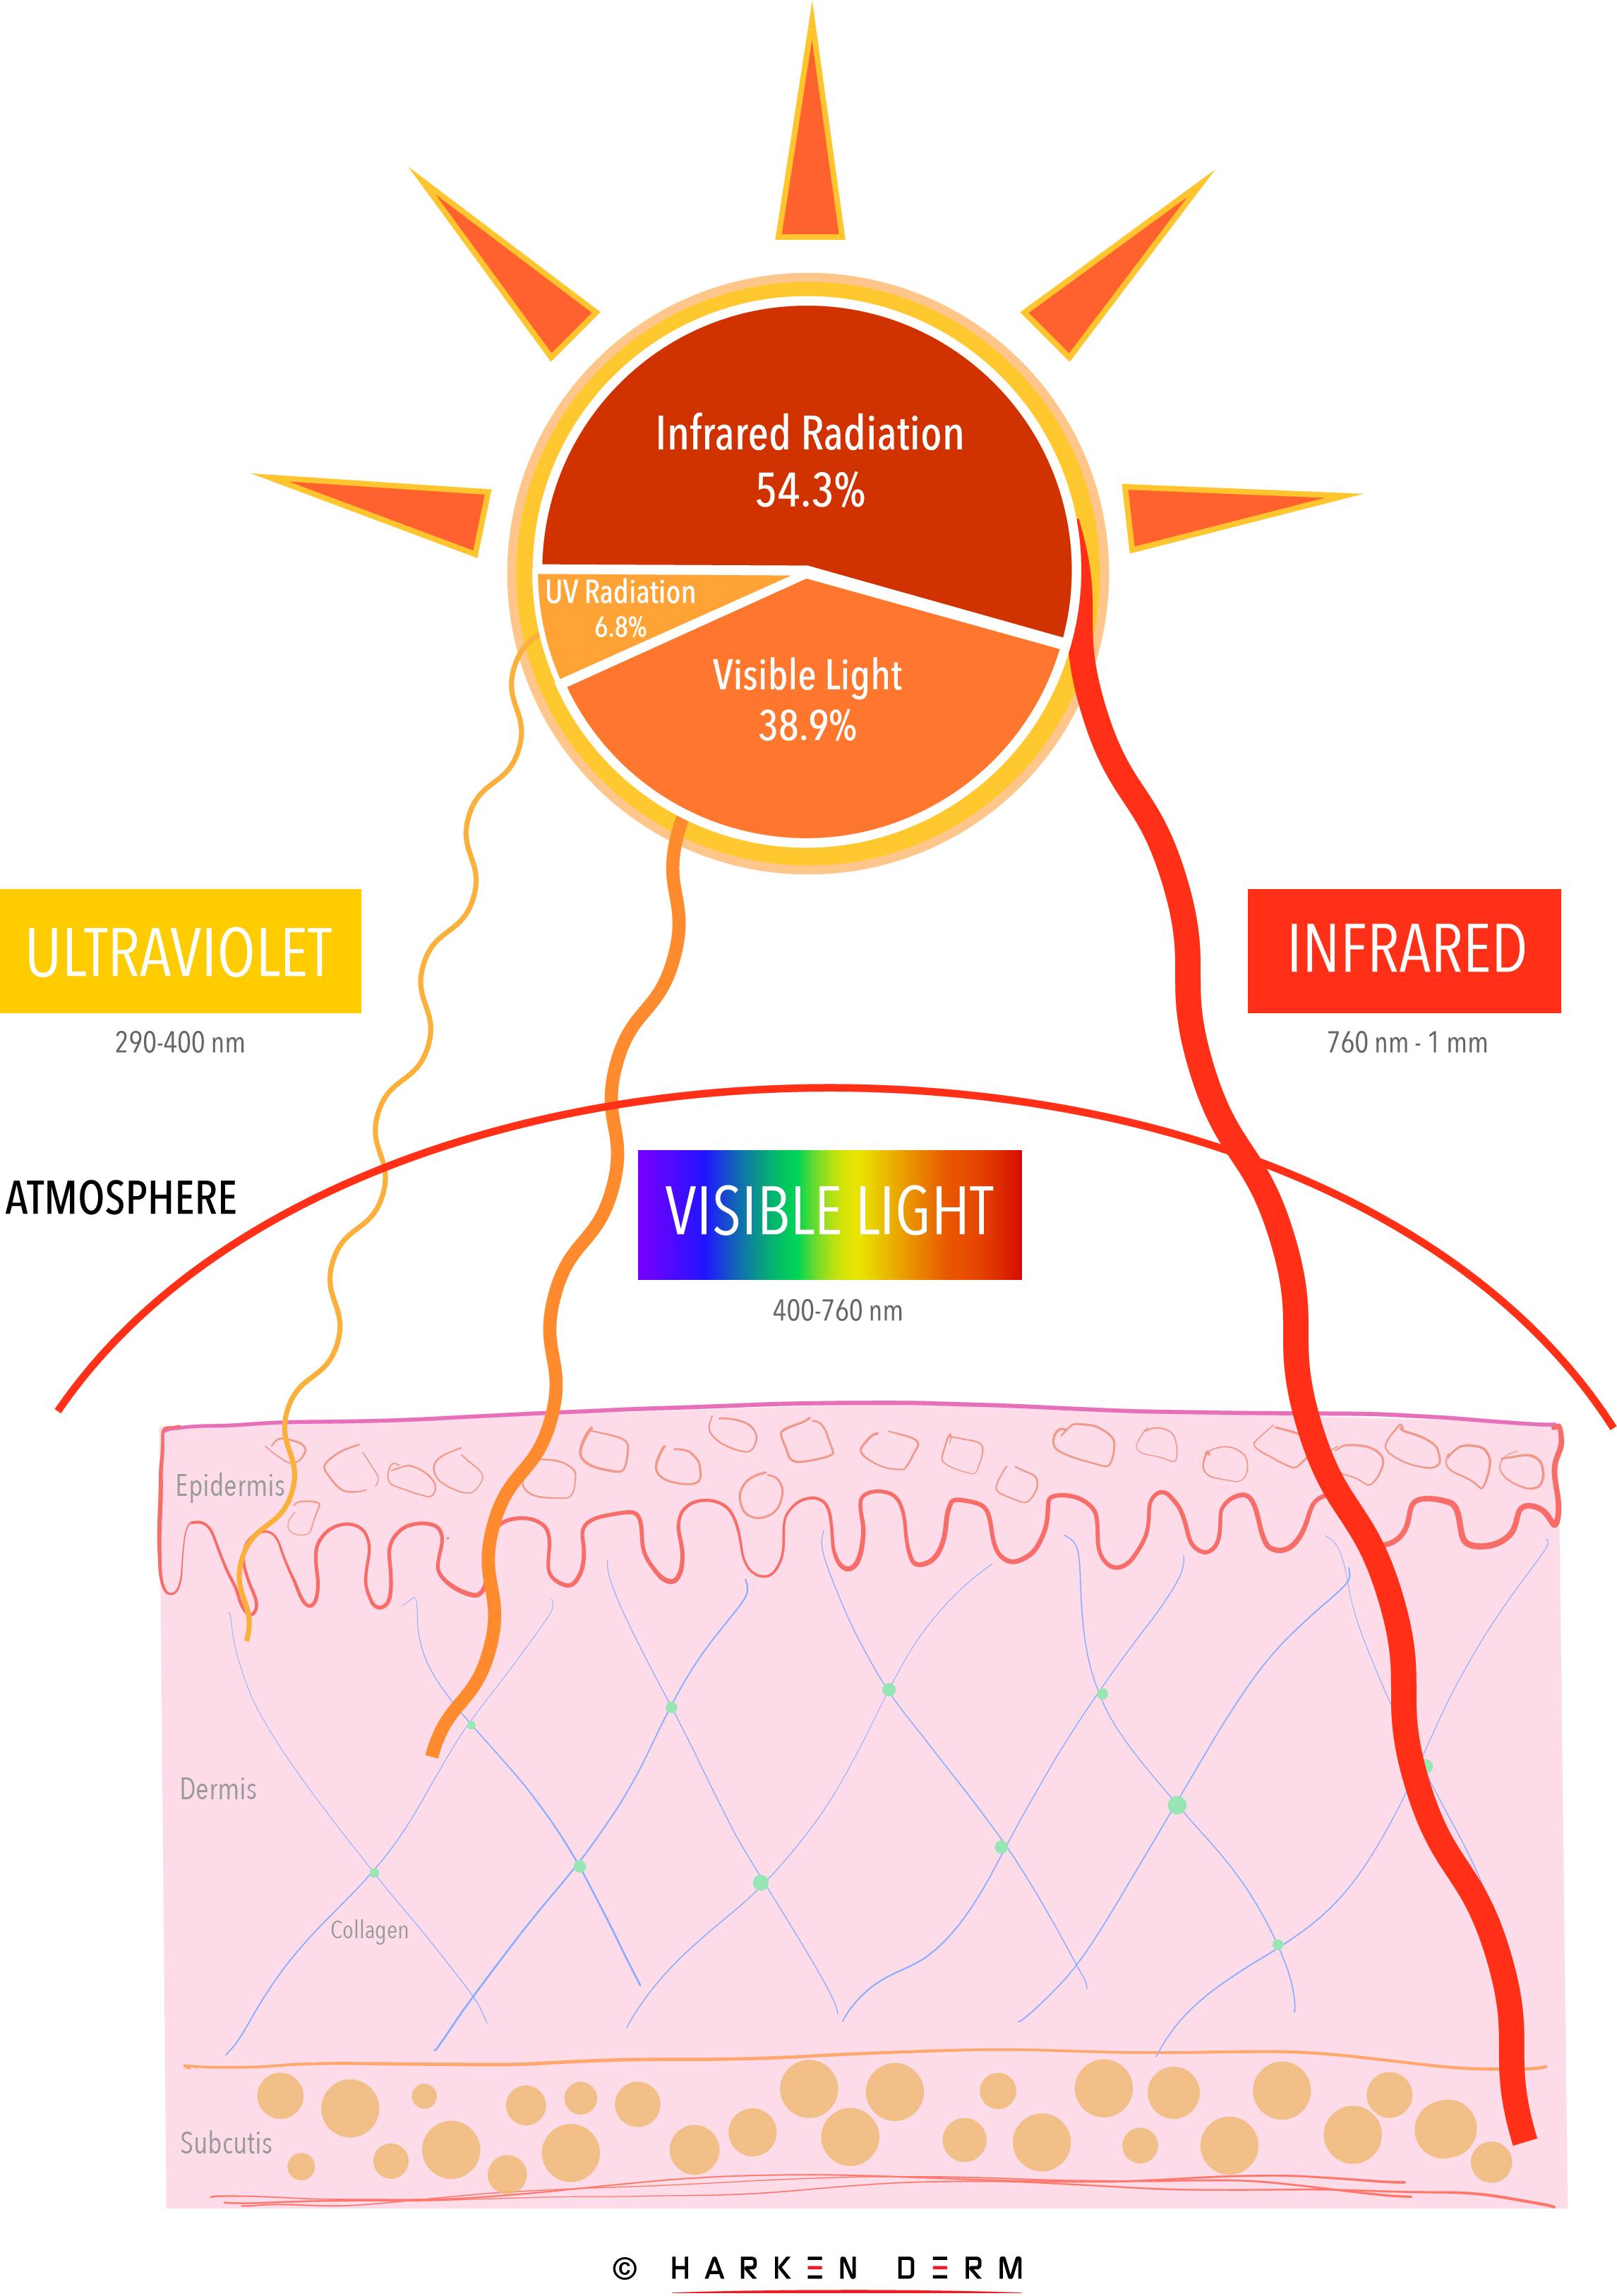 Solar Radiation and Skin Harken Derm@2x-100.jpg